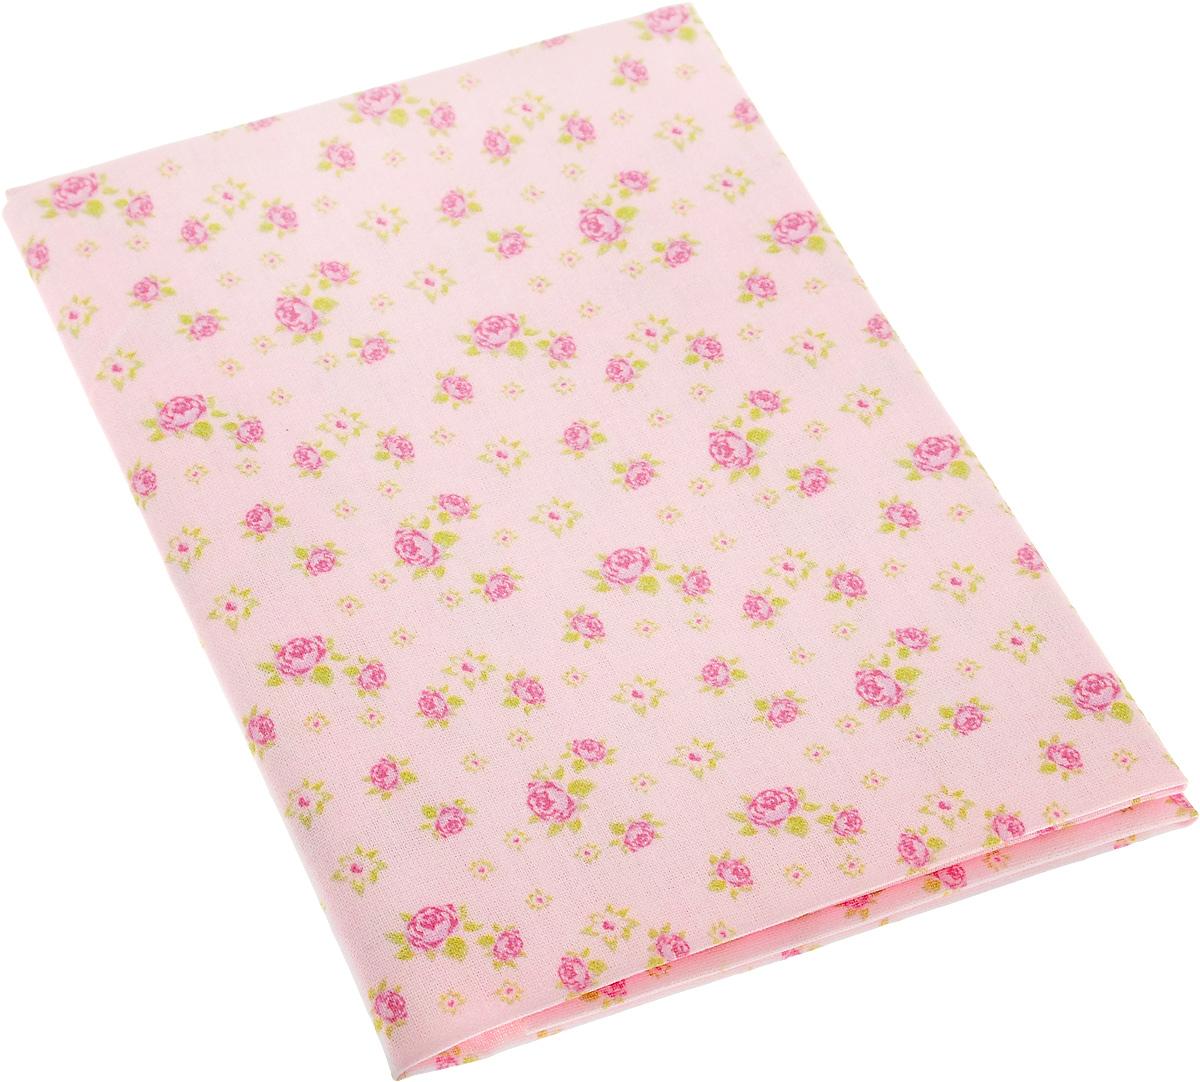 Ткань для пэчворка Артмикс Розы в стиле шебби шик, цвет: розовый, зеленый, 48 x 50 смAM586002Ткань Артмикс Розы в стиле шебби шик, изготовленная из 100% хлопка, предназначена для пошива одеял, покрывал, сумок, аппликаций и прочих изделий в технике пэчворк. Также подходит для пошива кукол, аксессуаров и одежды.Пэчворк - это вид рукоделия, при котором по принципу мозаики сшивается цельное изделие из кусочков ткани (лоскутков). Плотность ткани: 120 г/м2.УВАЖАЕМЫЕ КЛИЕНТЫ!Обращаем ваше внимание, на тот факт, что размер отреза может отличаться на 1-2 см.